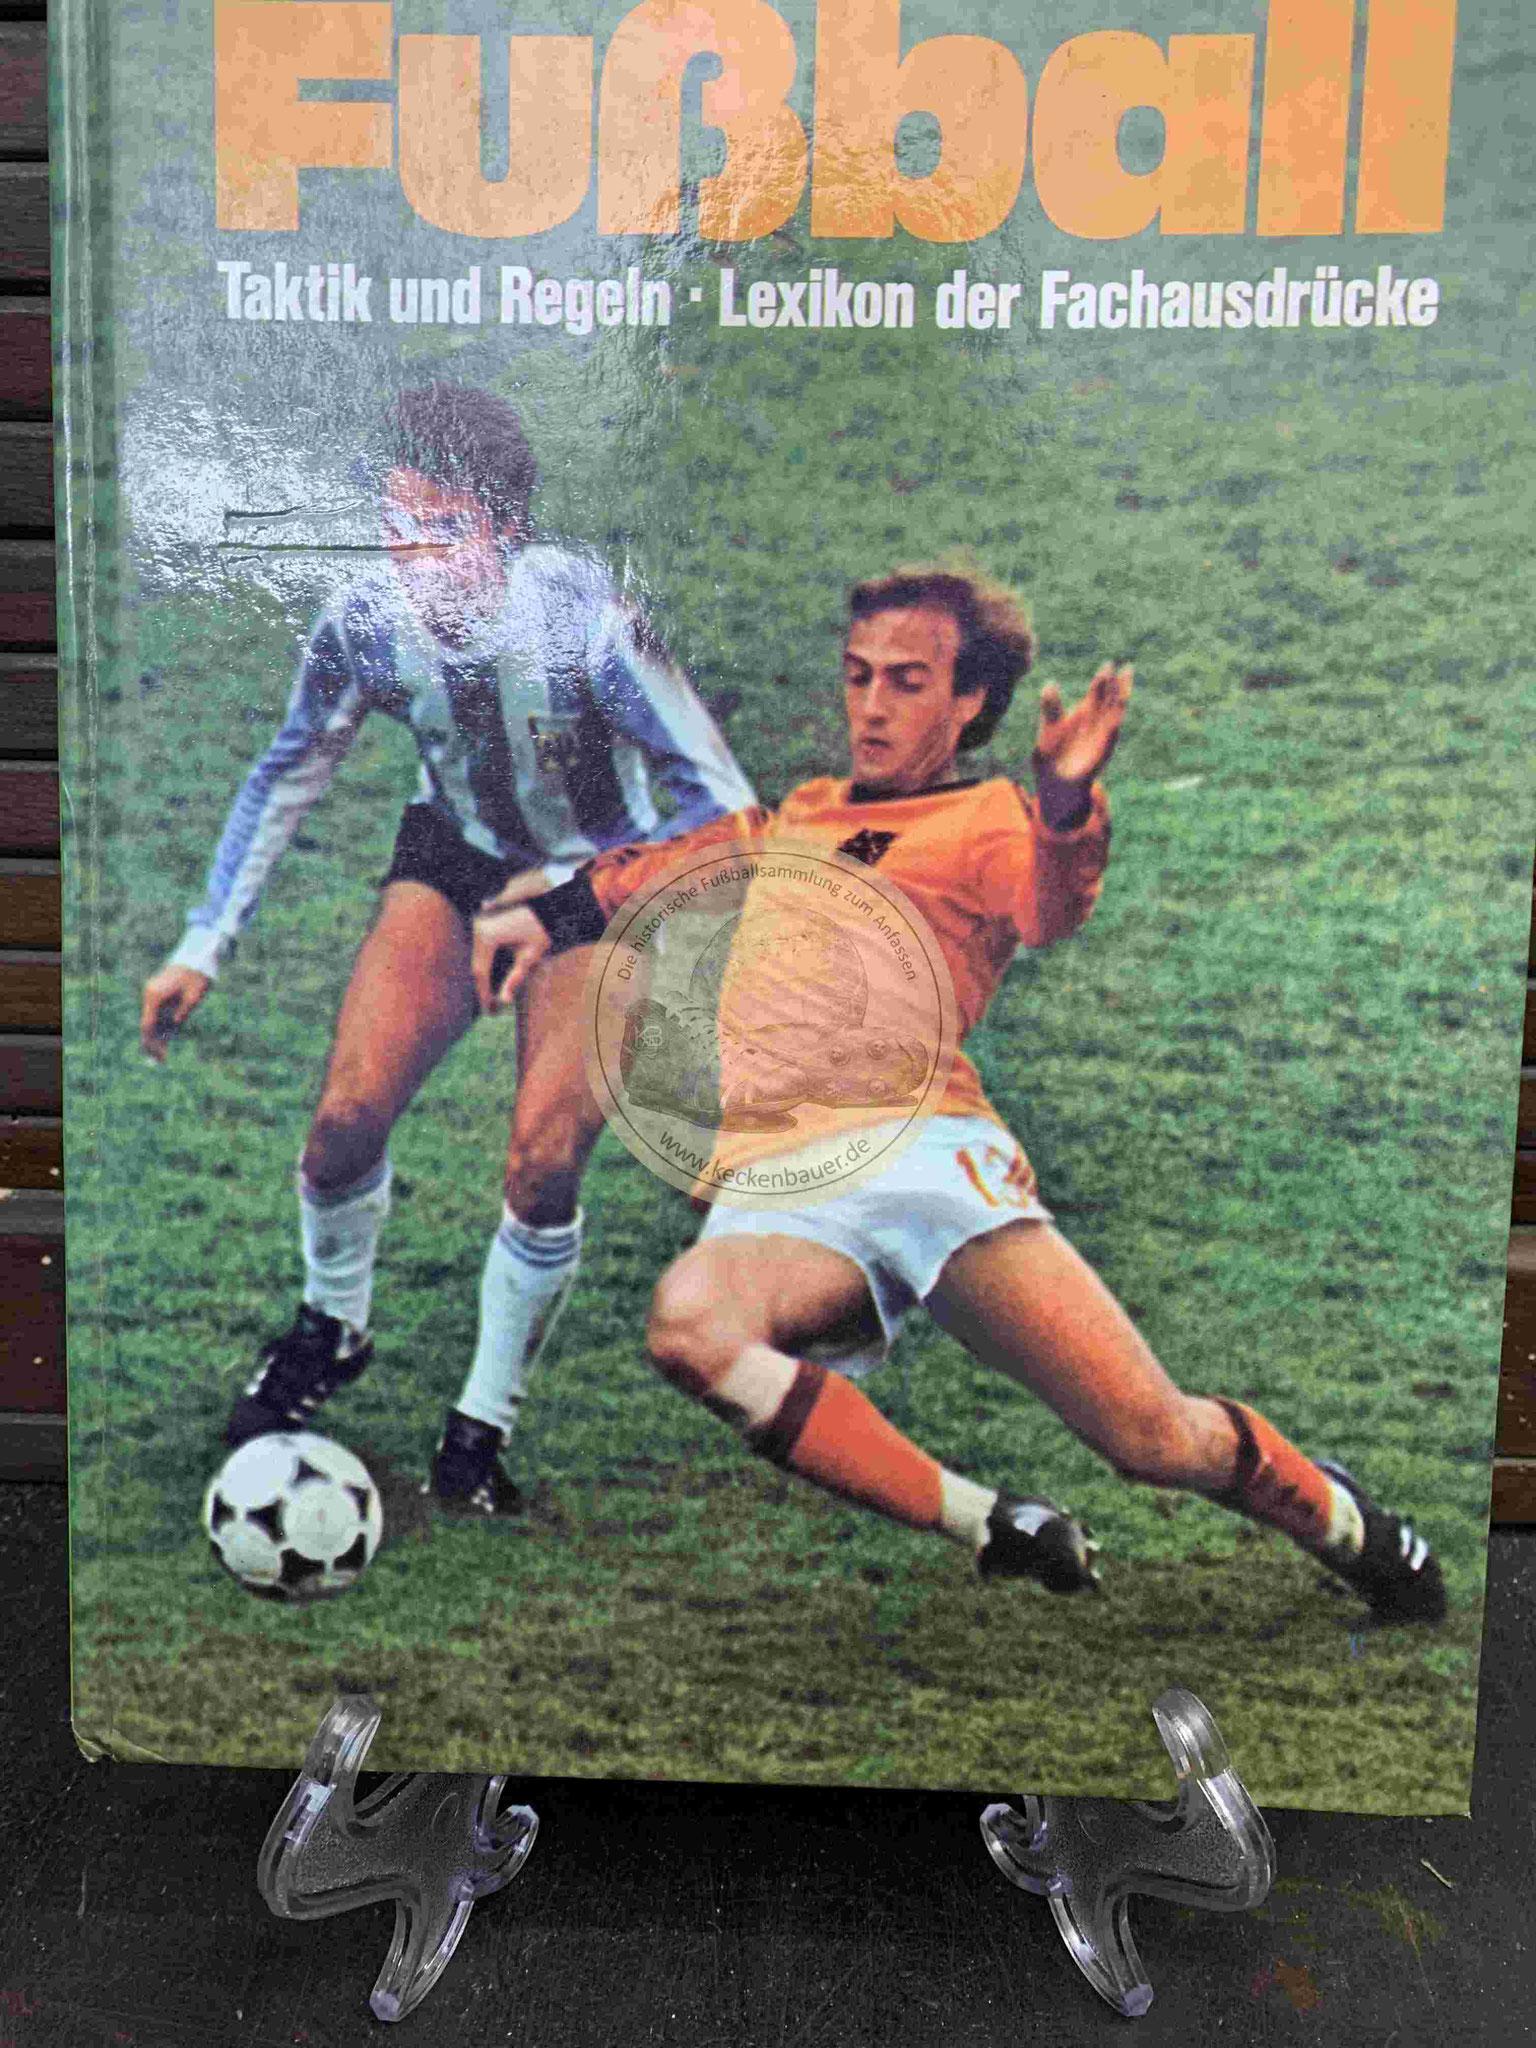 Fußball Taktik und Regeln Lexikon der Fachausdrücke aus dem Jahr 1979